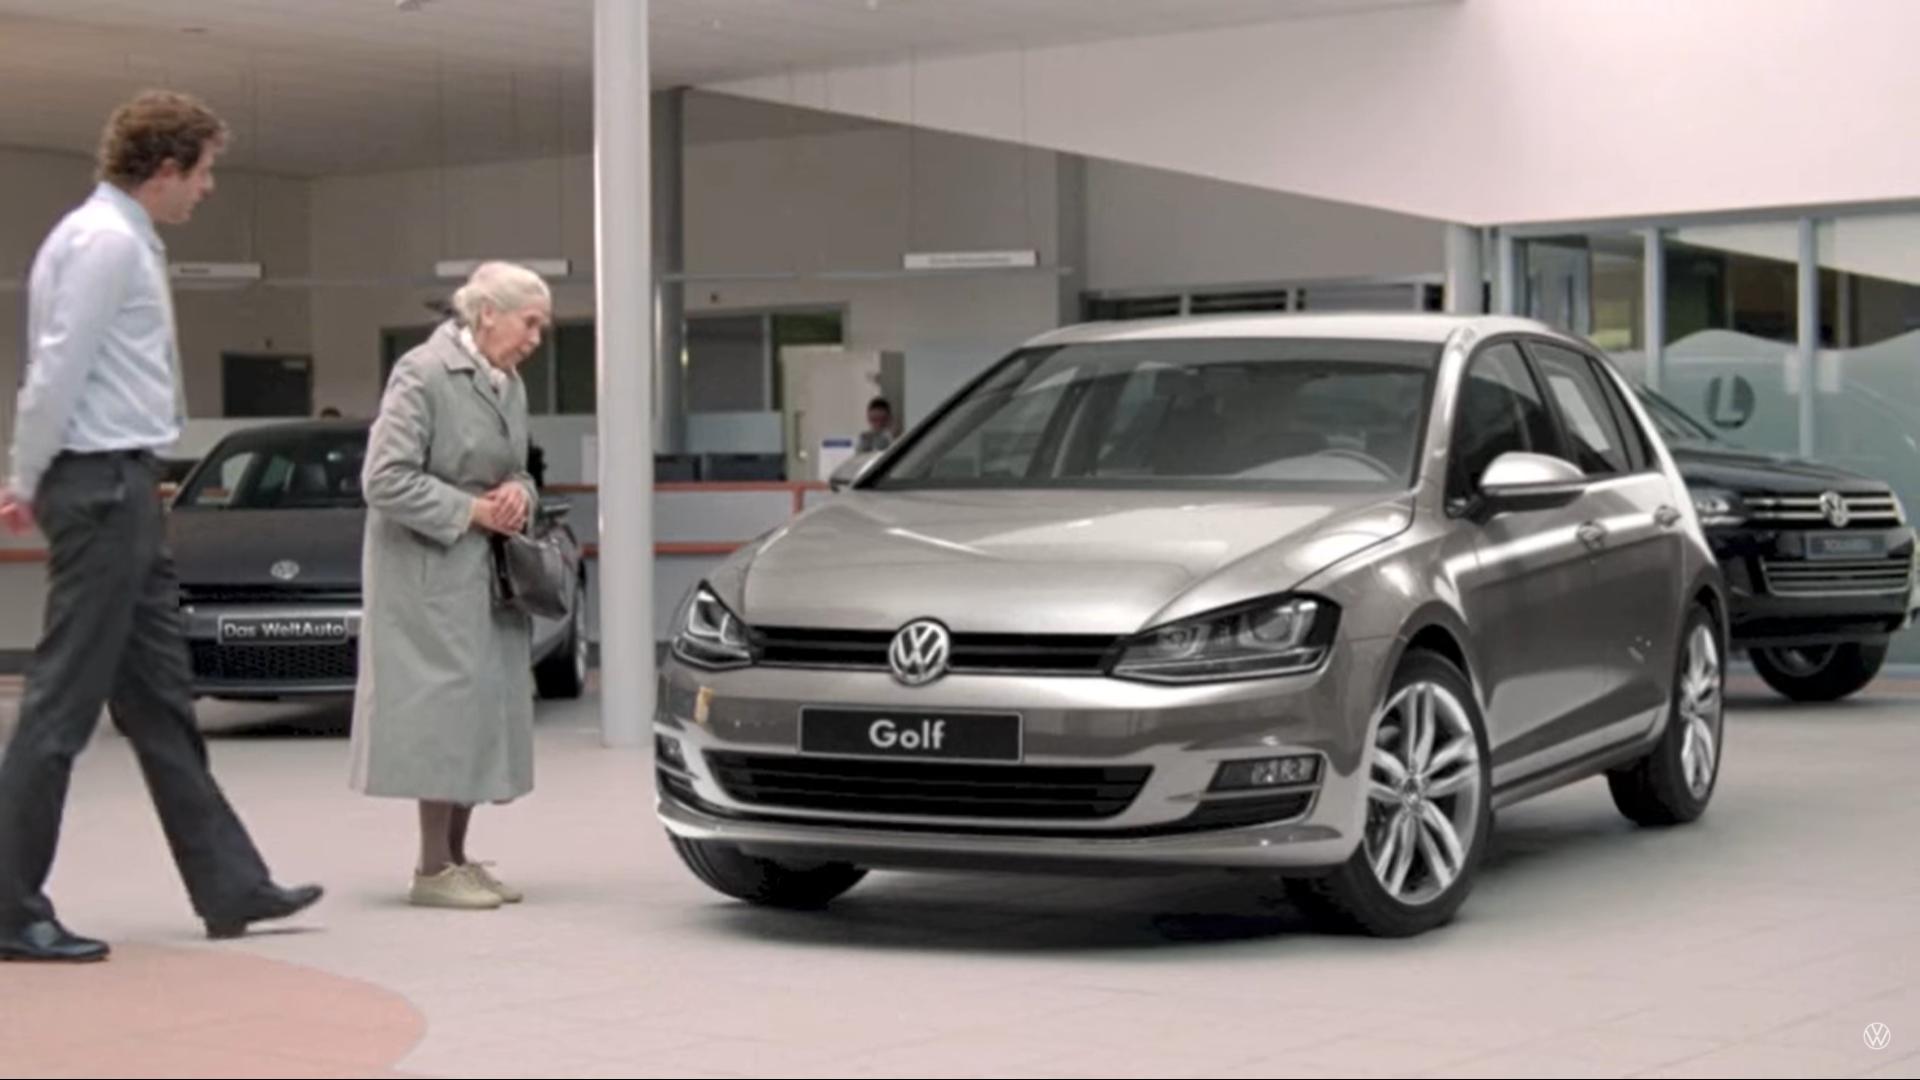 Volkswagen en het oude vrouwtje reclame Golf 7 proefrit